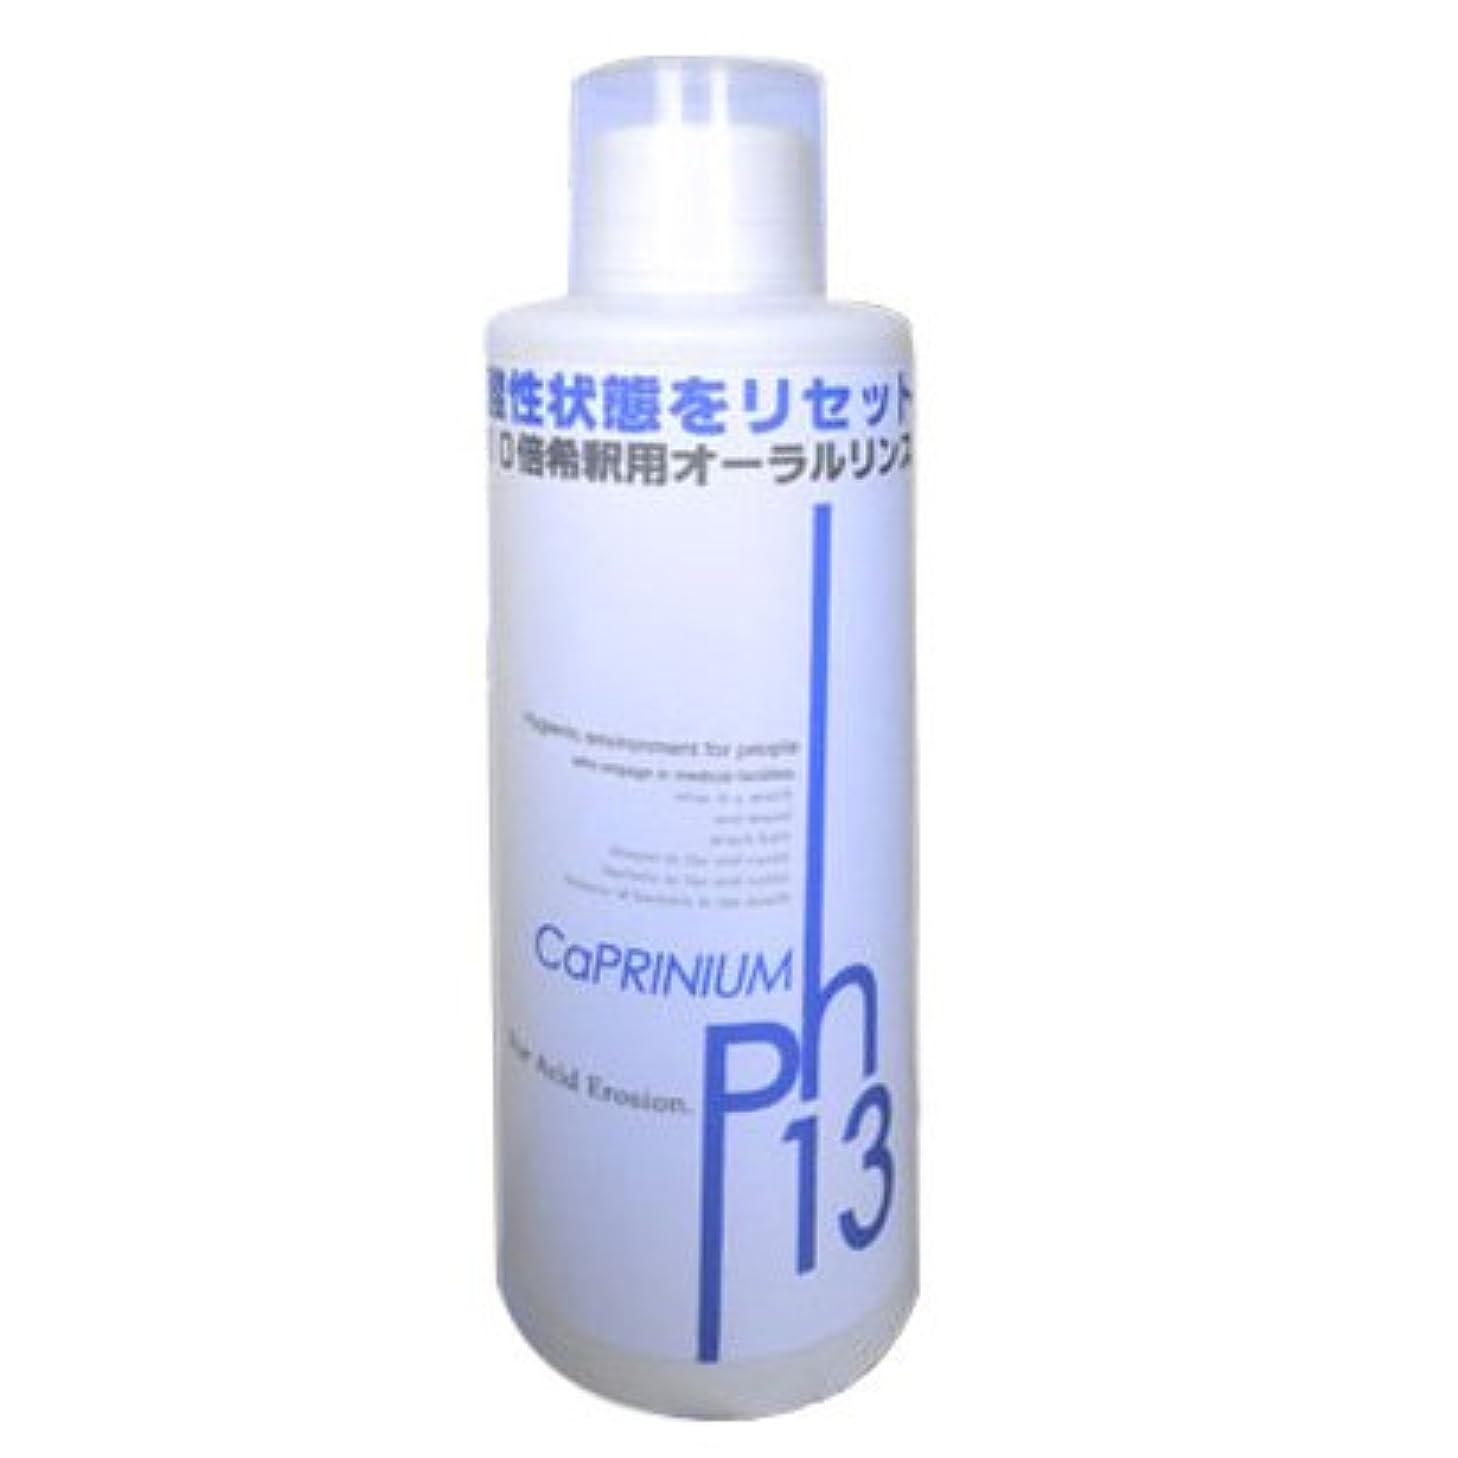 ポンペイ養う保全カプリニウム サーティーンリンス(CaPRINIUM 13)